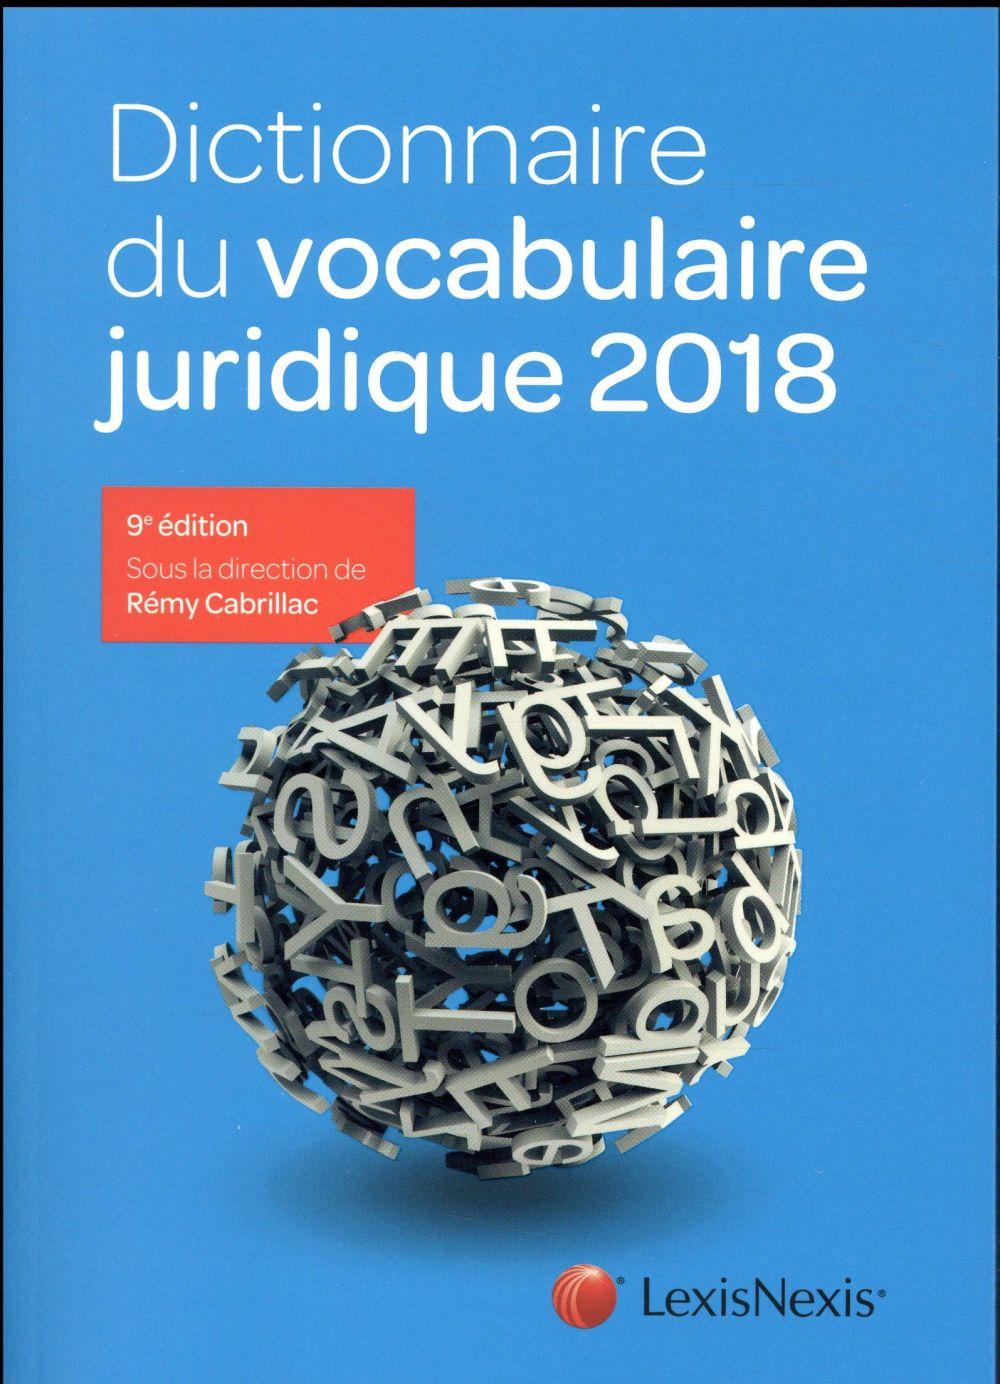 Dictionnaire du vocabulaire juridique (édition 2018)